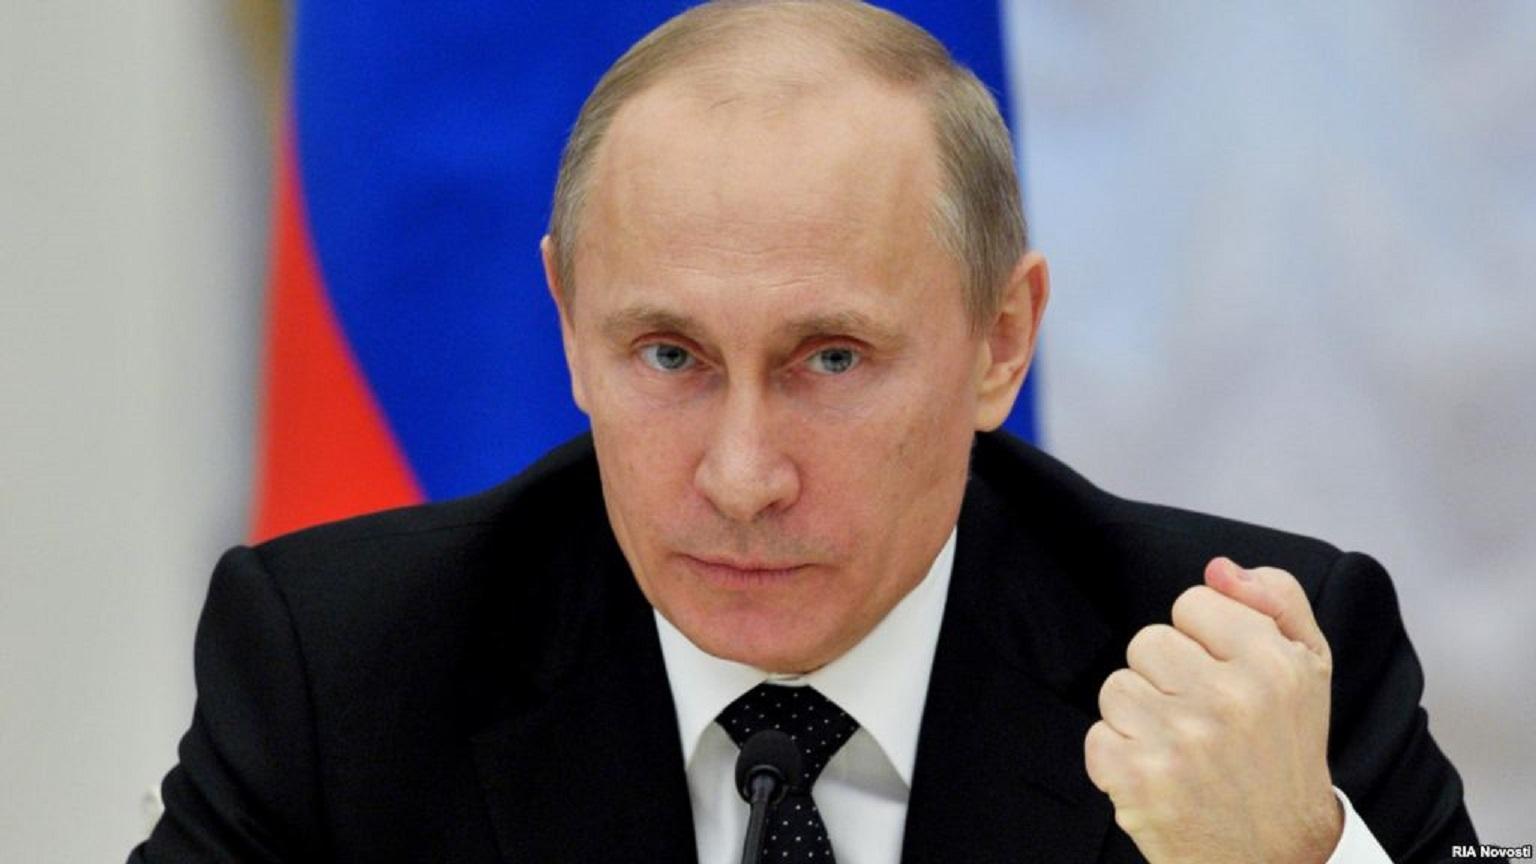 بوتين يحيي أمجاد الإمبراطورية الروسية!